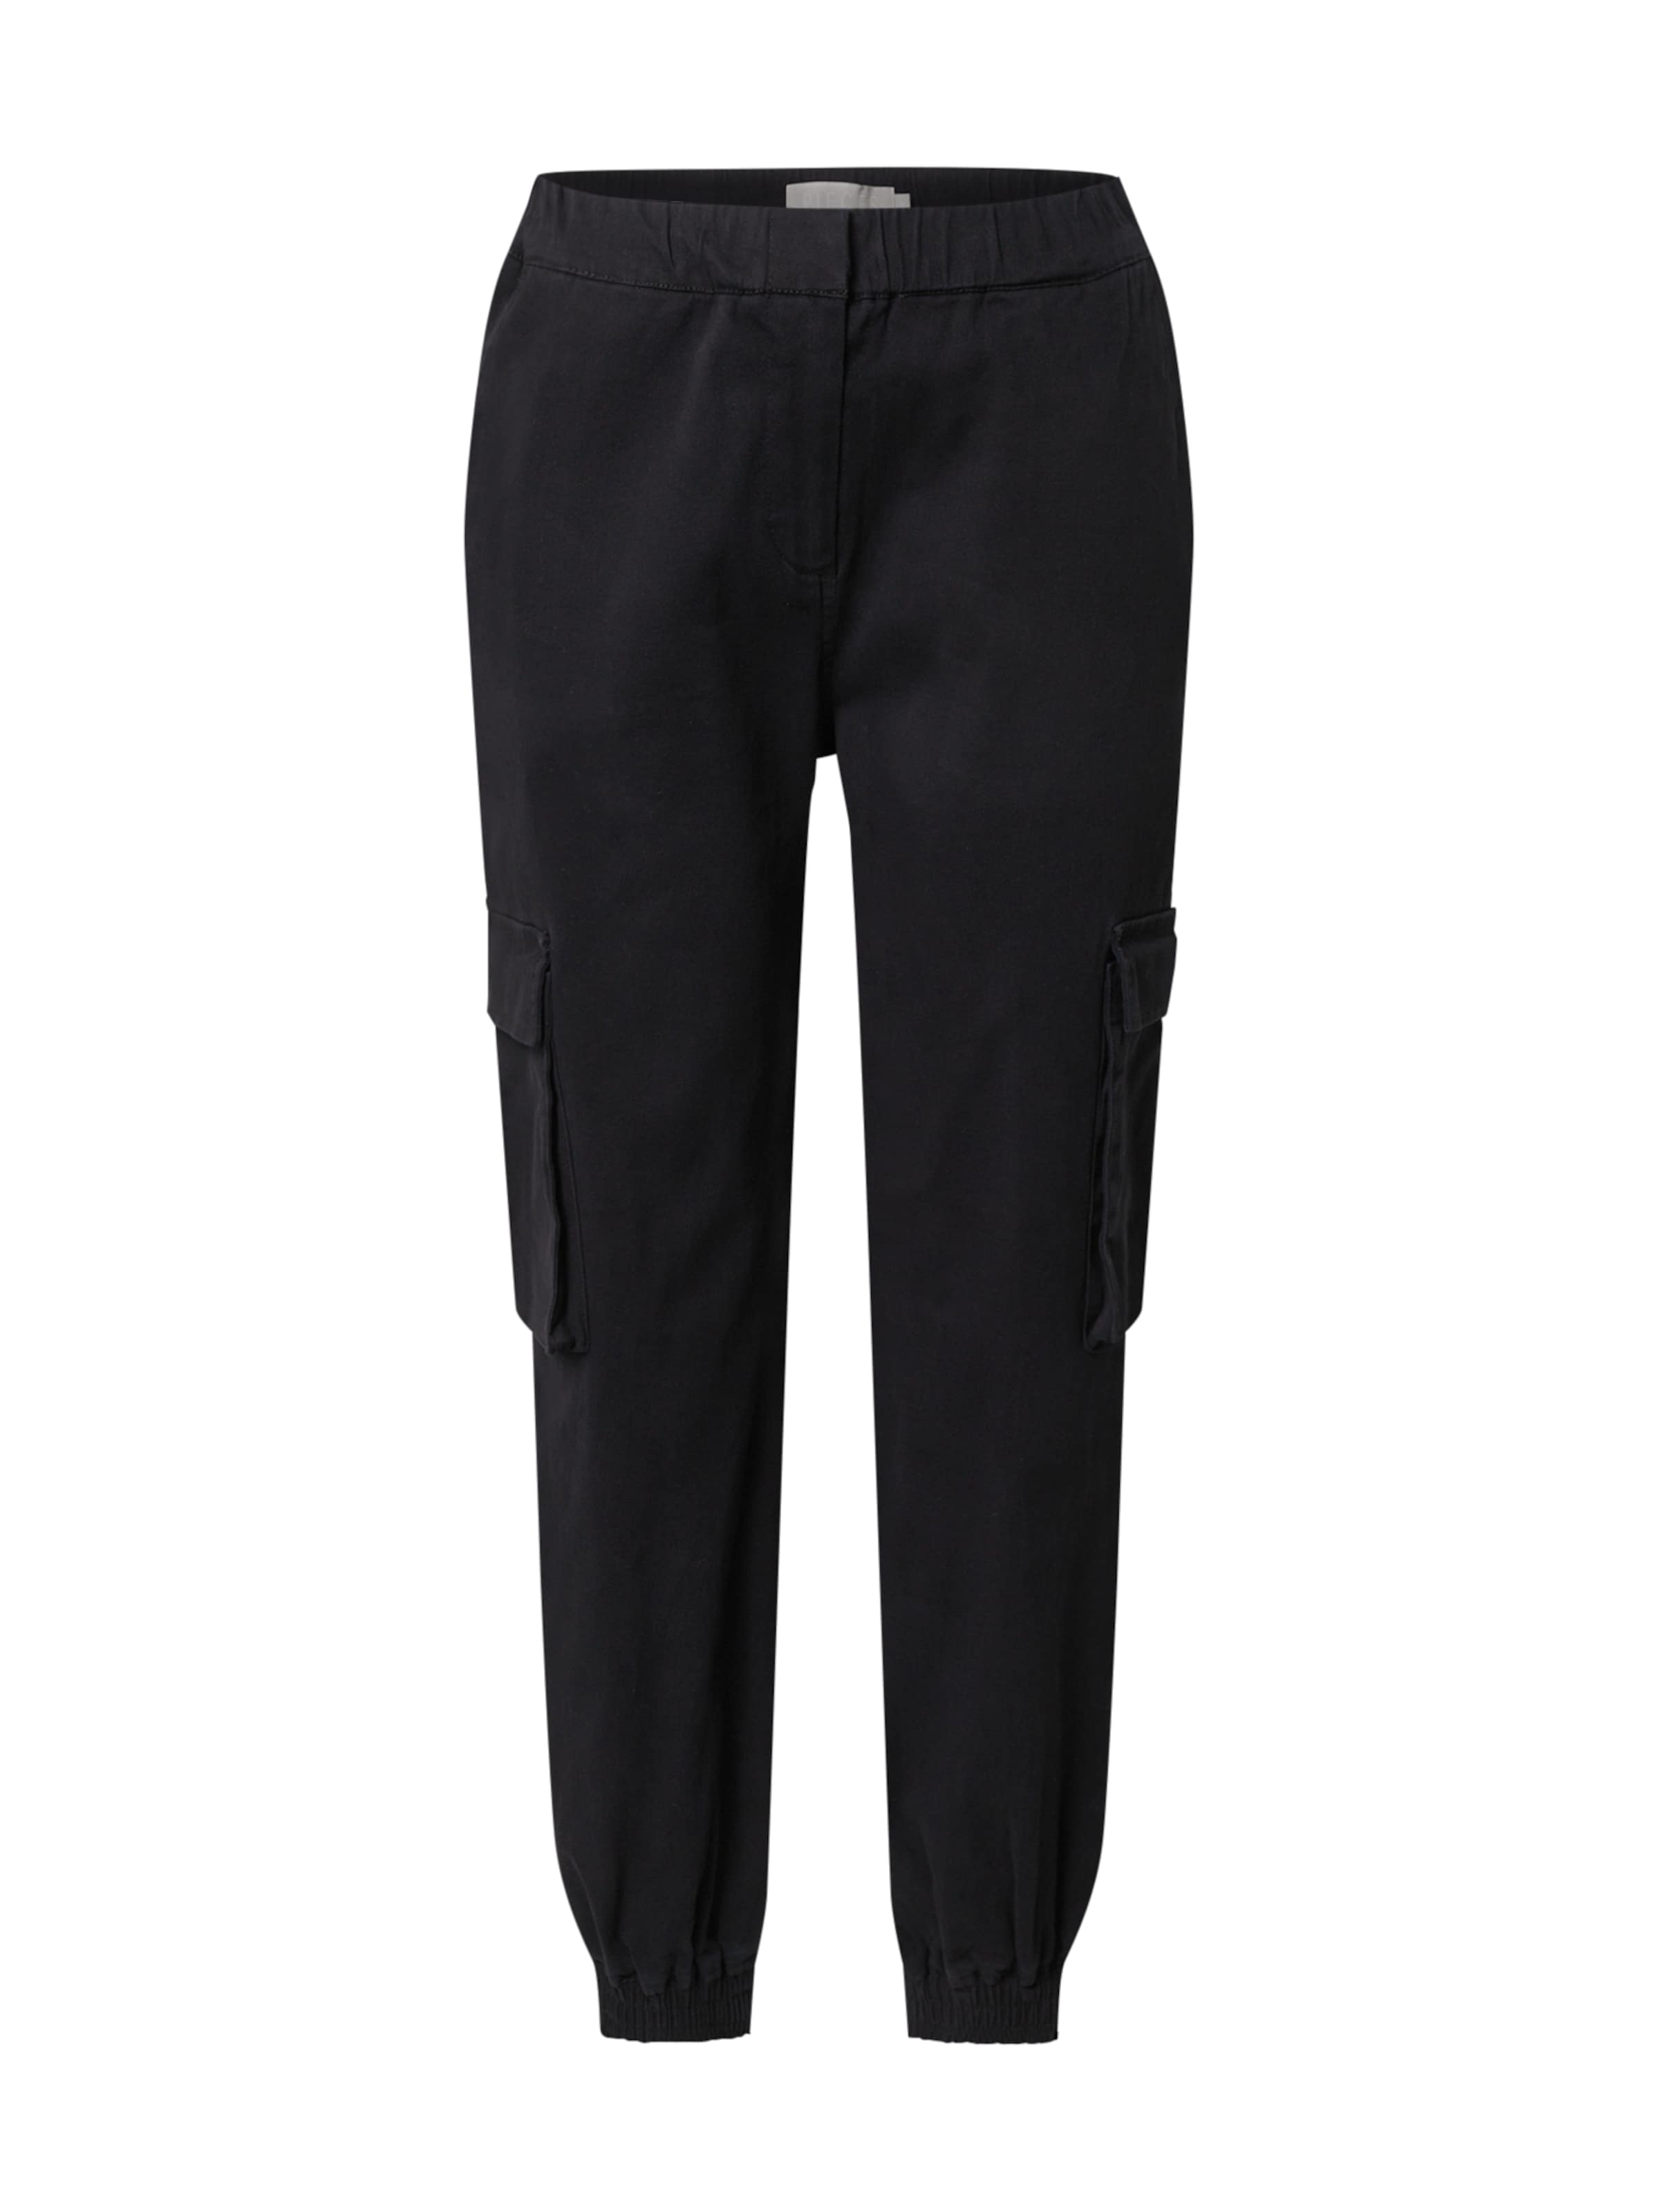 PIECES Cargo nadrágok fekete színben